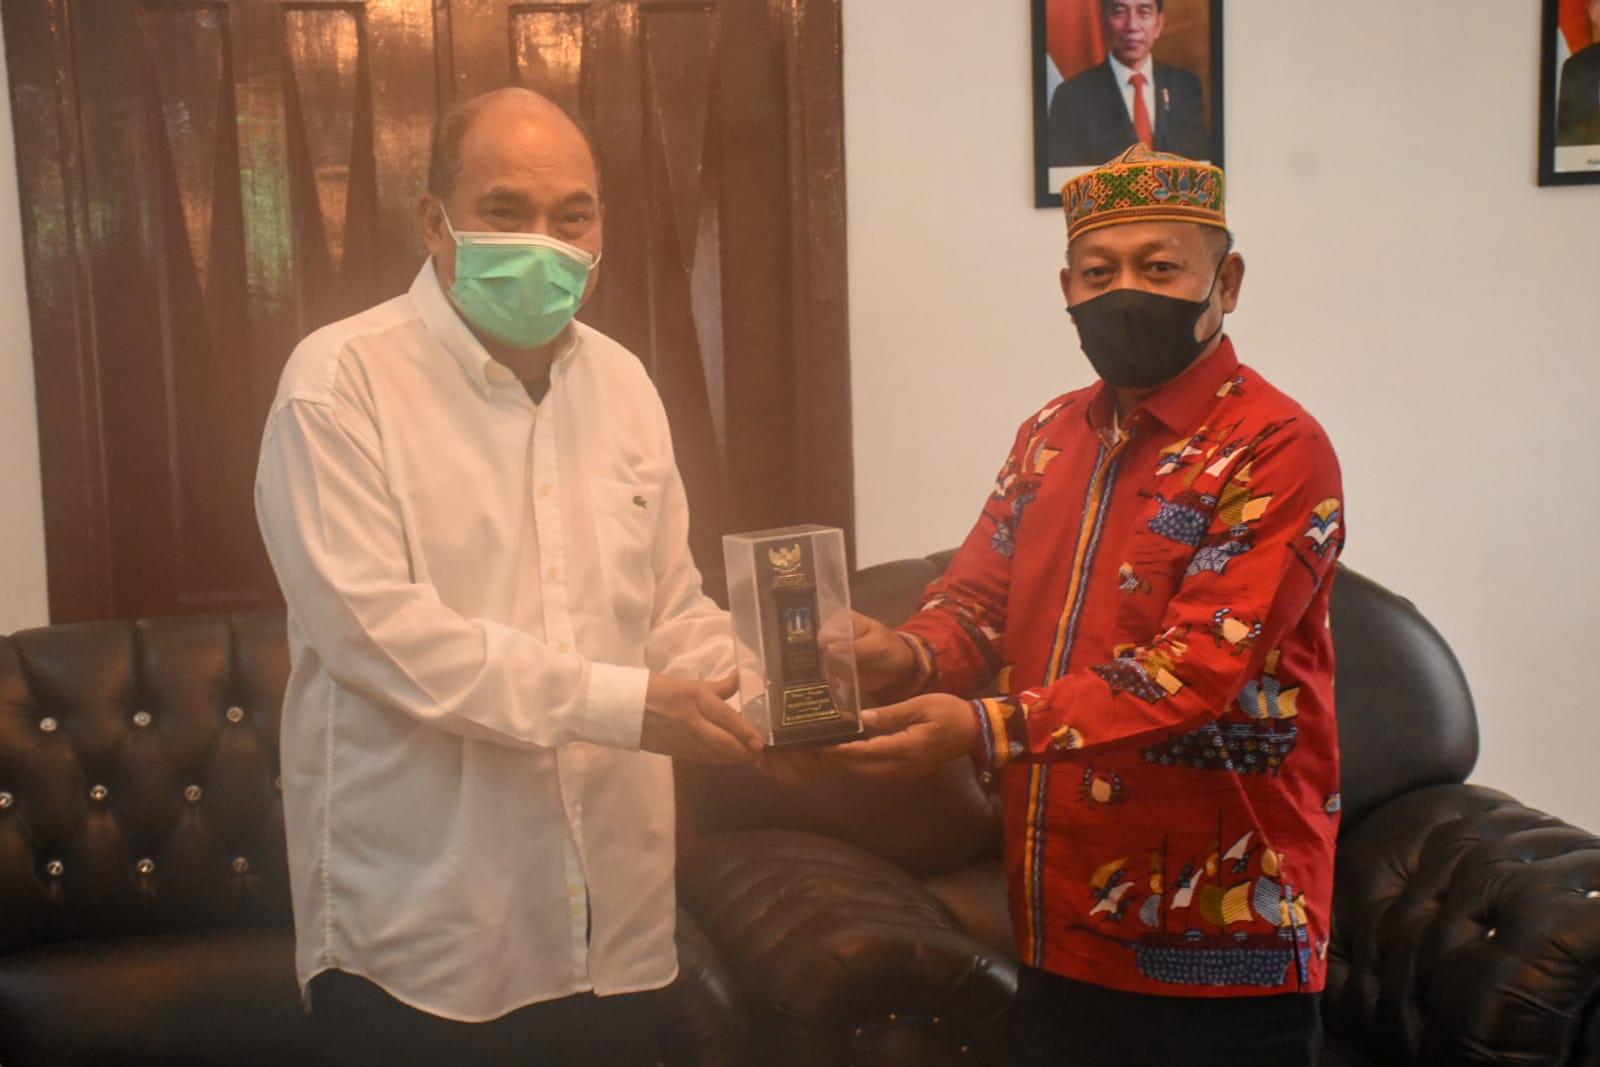 Plt Walikota Tanjung Balai Kunjung Pemko Tebin Tinggi Untuk Menjalin  Kerjasama